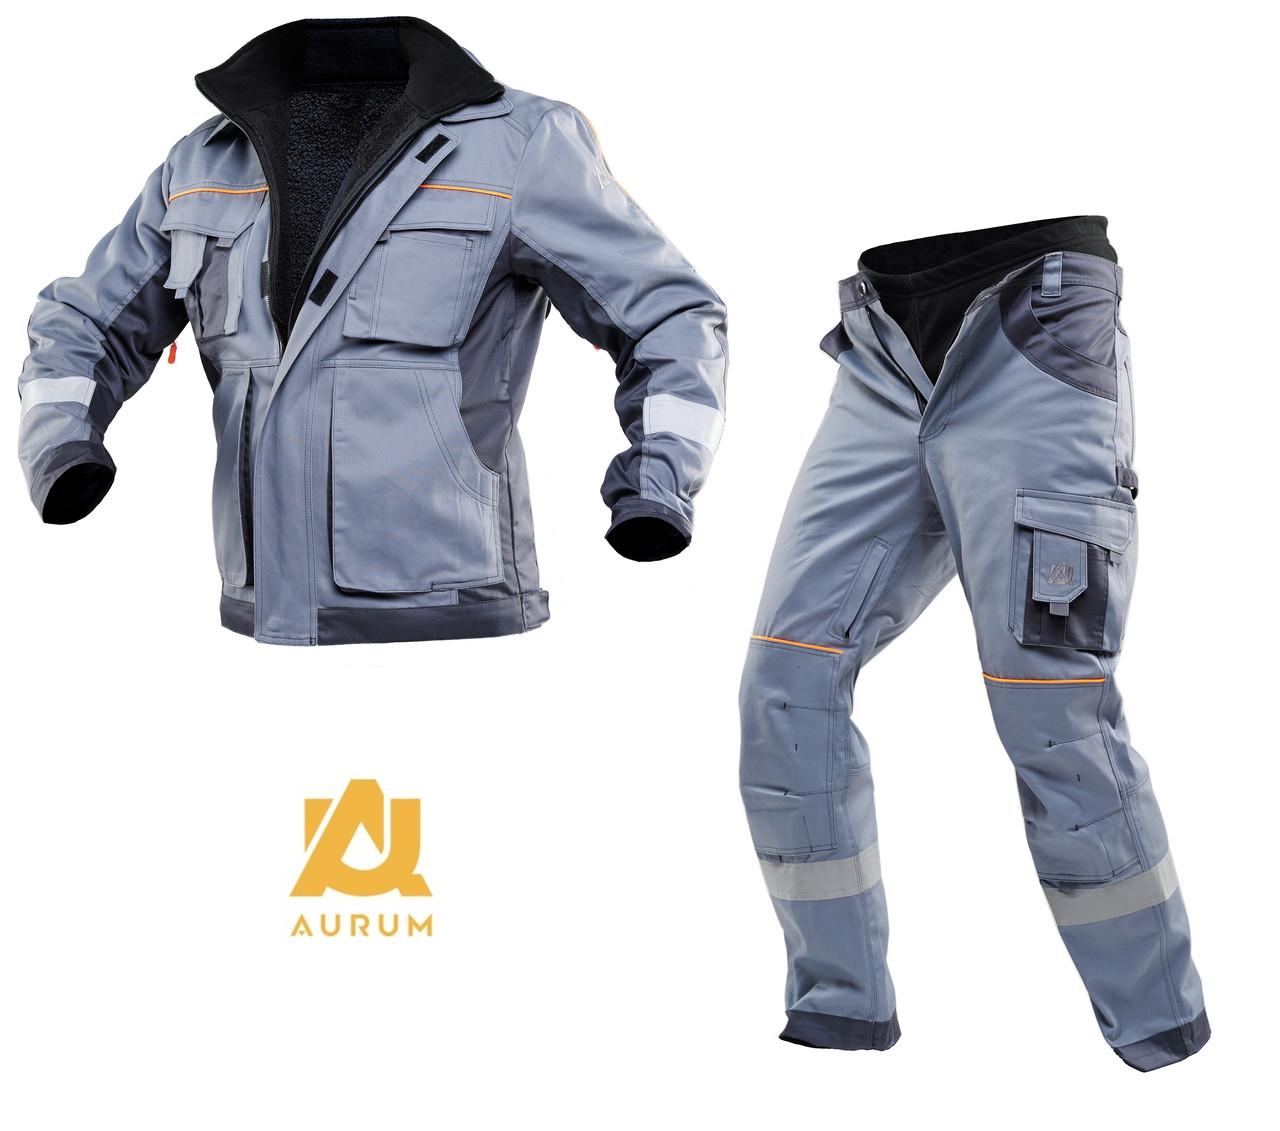 Костюм рабочий защитный AURUM 4S Grey Куртка+Брюки на утепленной подкладке (спецодежда, флис)